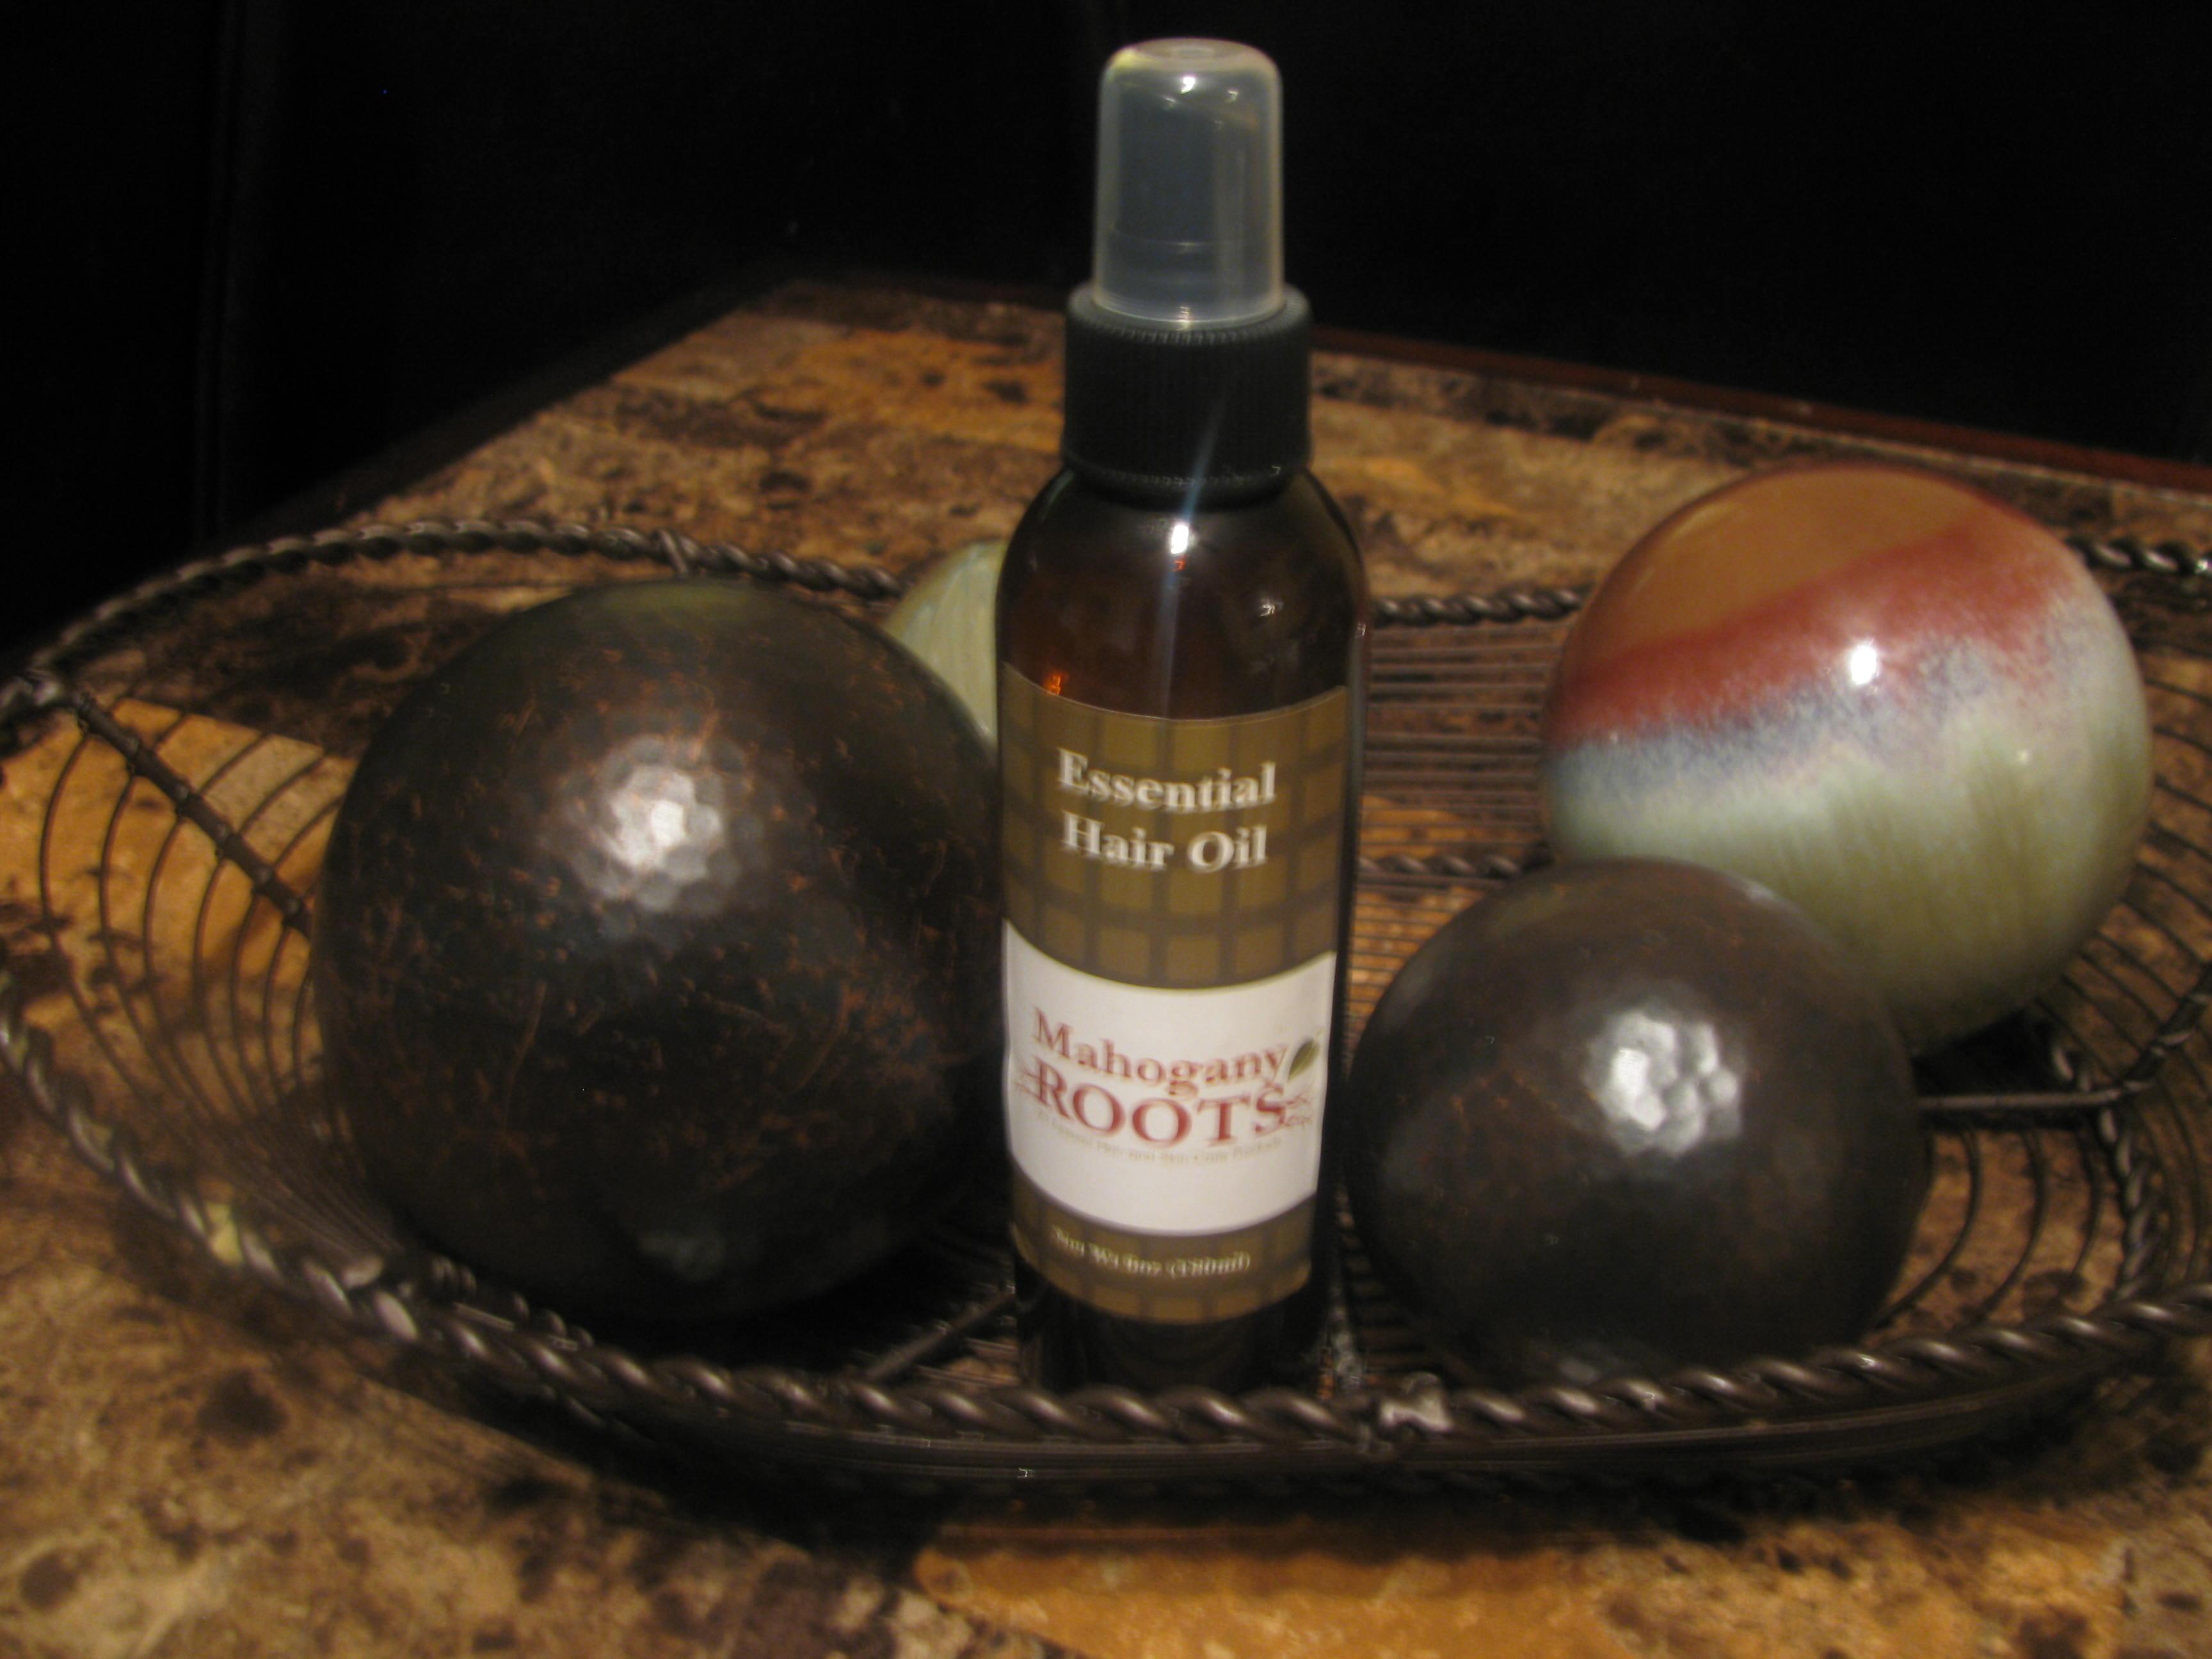 Essential Hair Oil